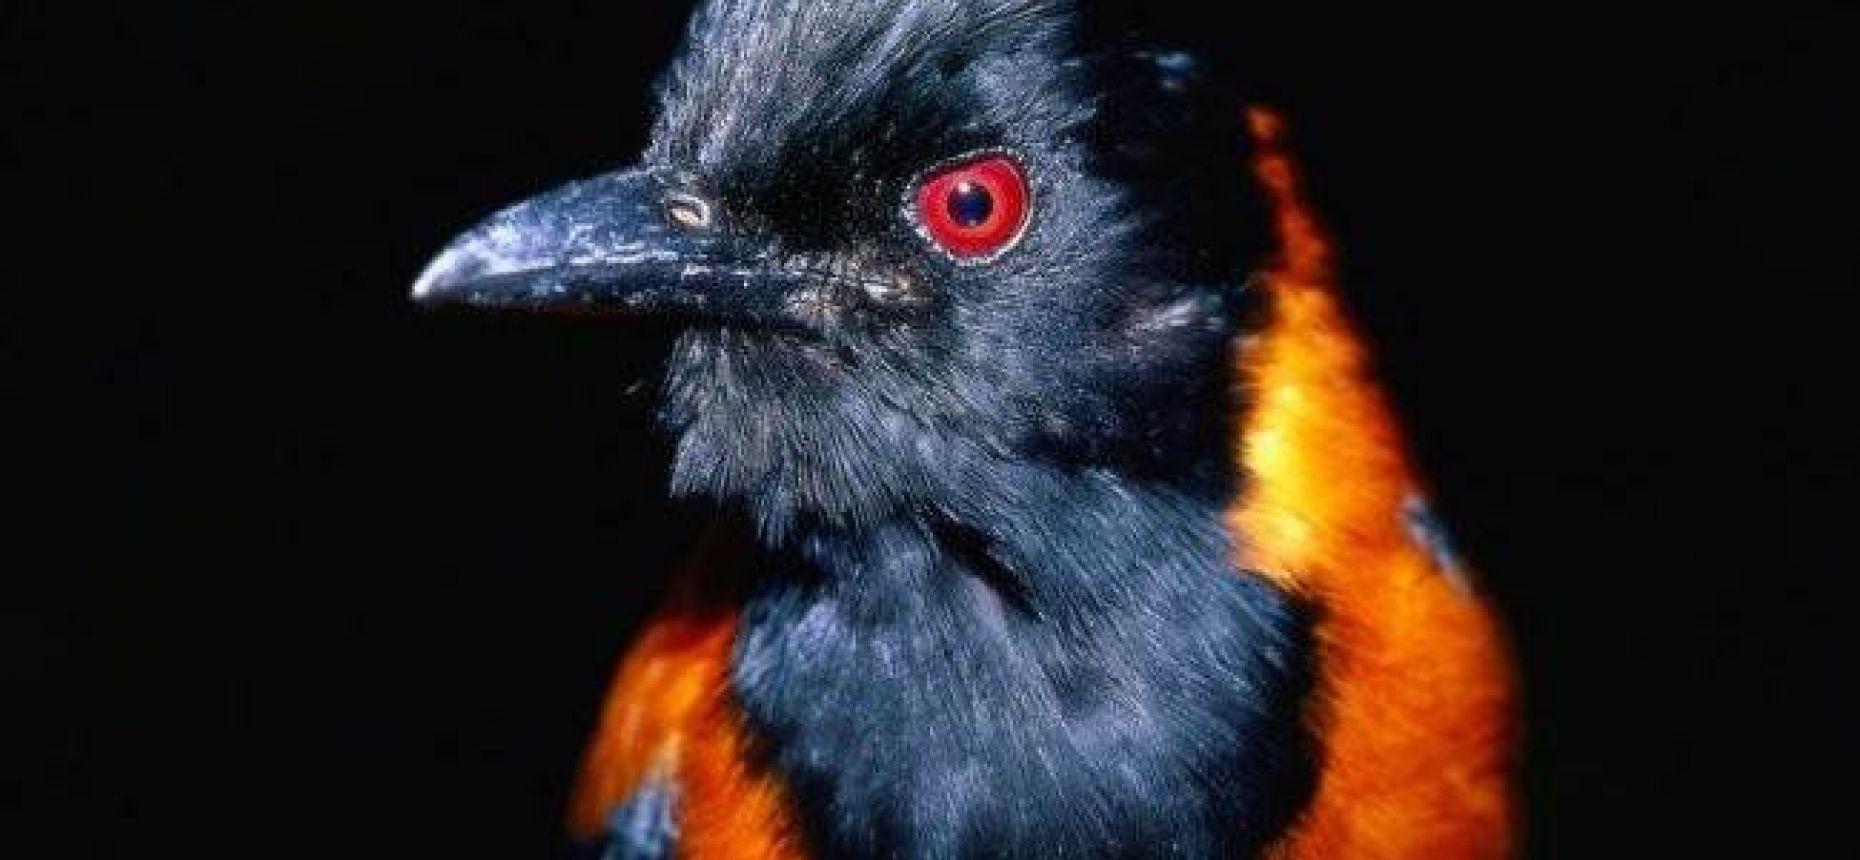 Ядовитая птица - питаху